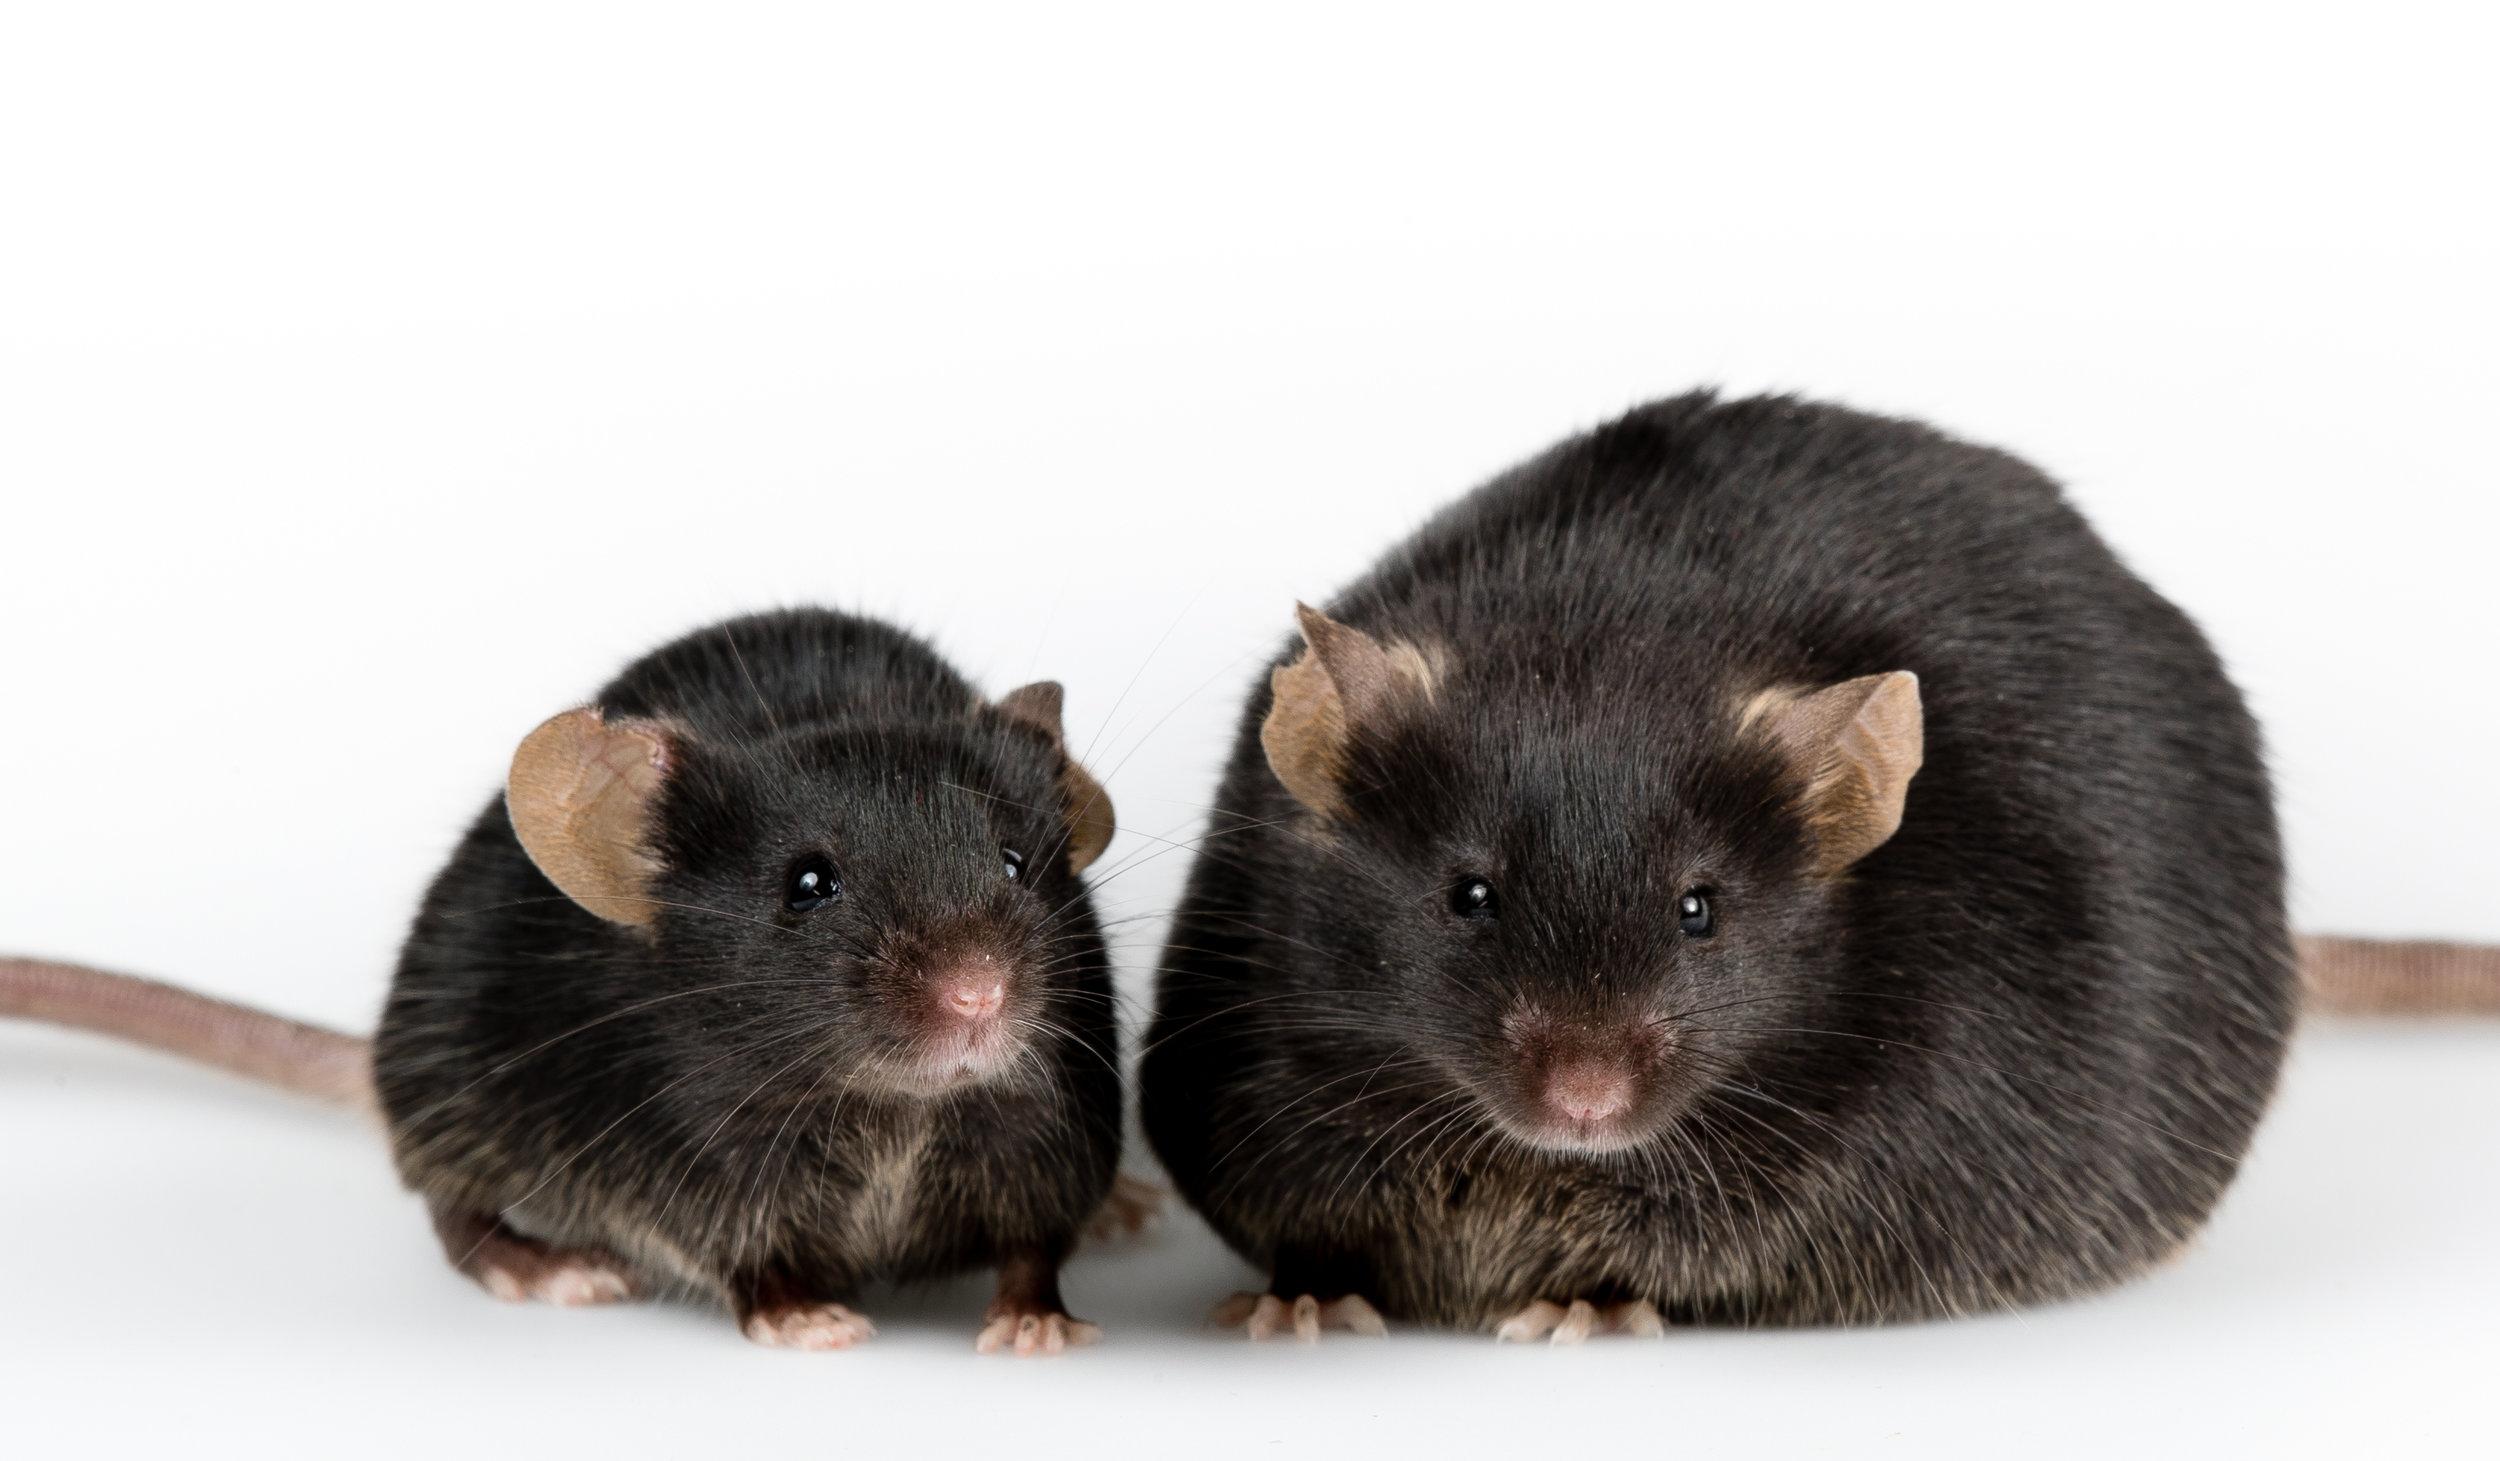 Eläinkokeissa vadelmaketoneilla oli vaikutusta rottien painoon, mutta käytetyt annokset olivat niin suuria, ettei suhteellisesti samansuuruisia annoksia ole mahdollista saada lisäravinteista.